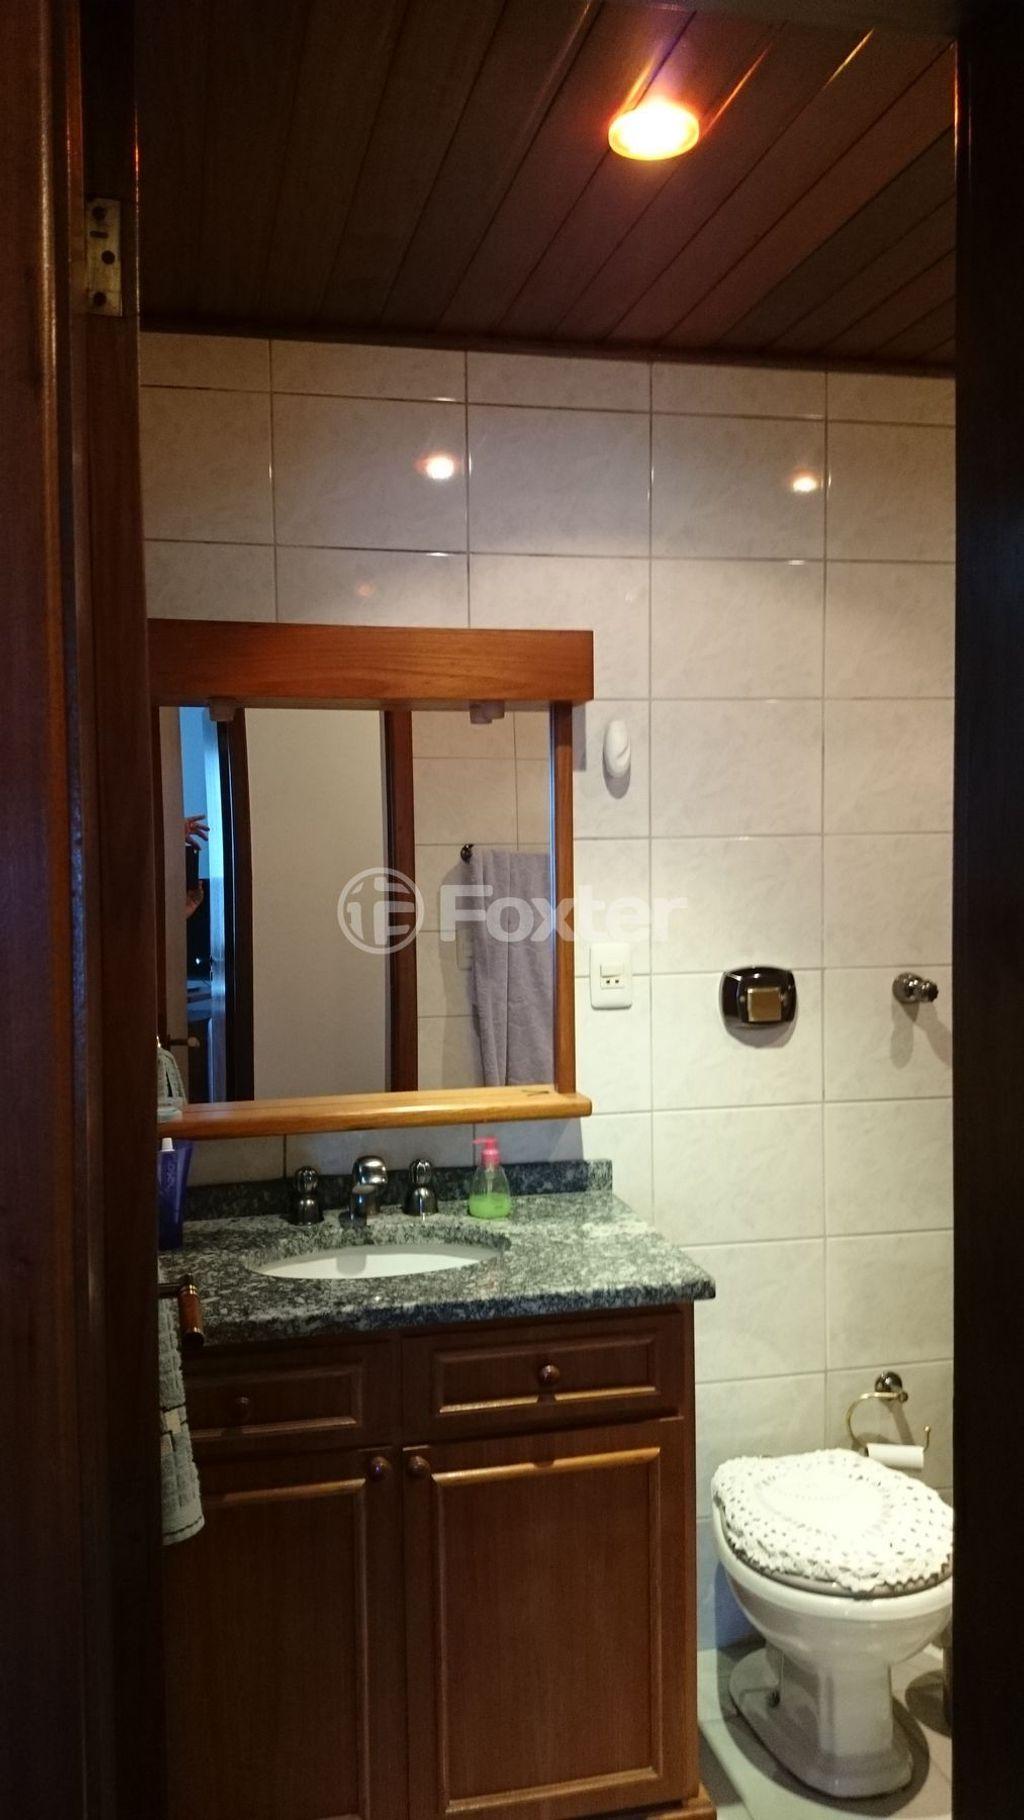 Foxter Imobiliária - Cobertura 3 Dorm (137279) - Foto 7